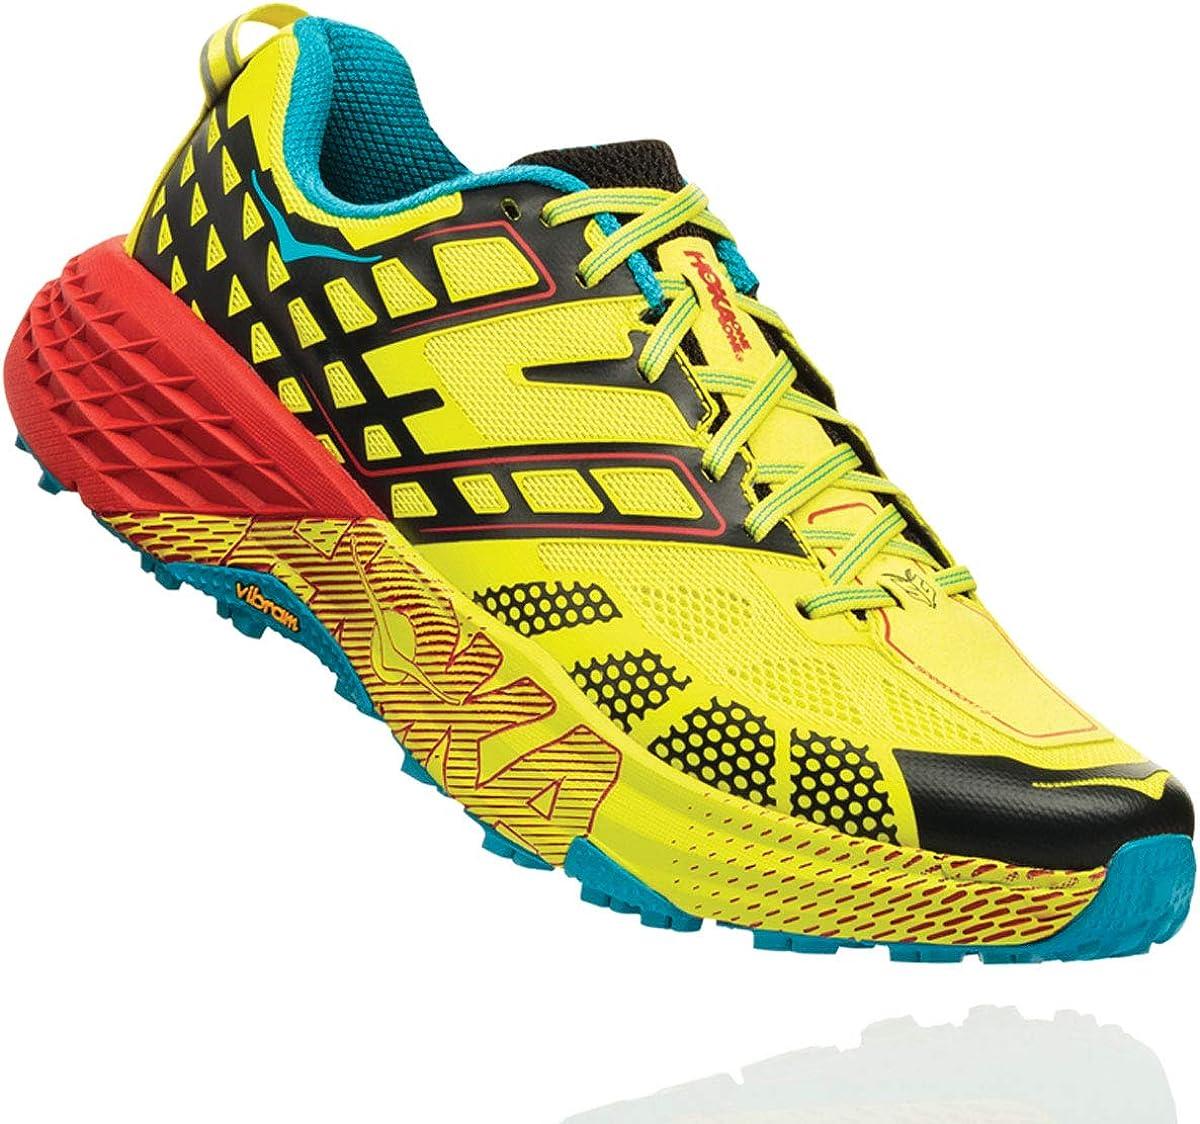 hoka Zapatillas Speedgoat 2 Amarillo/Negro Talla 47 1/3: Amazon.es: Zapatos y complementos